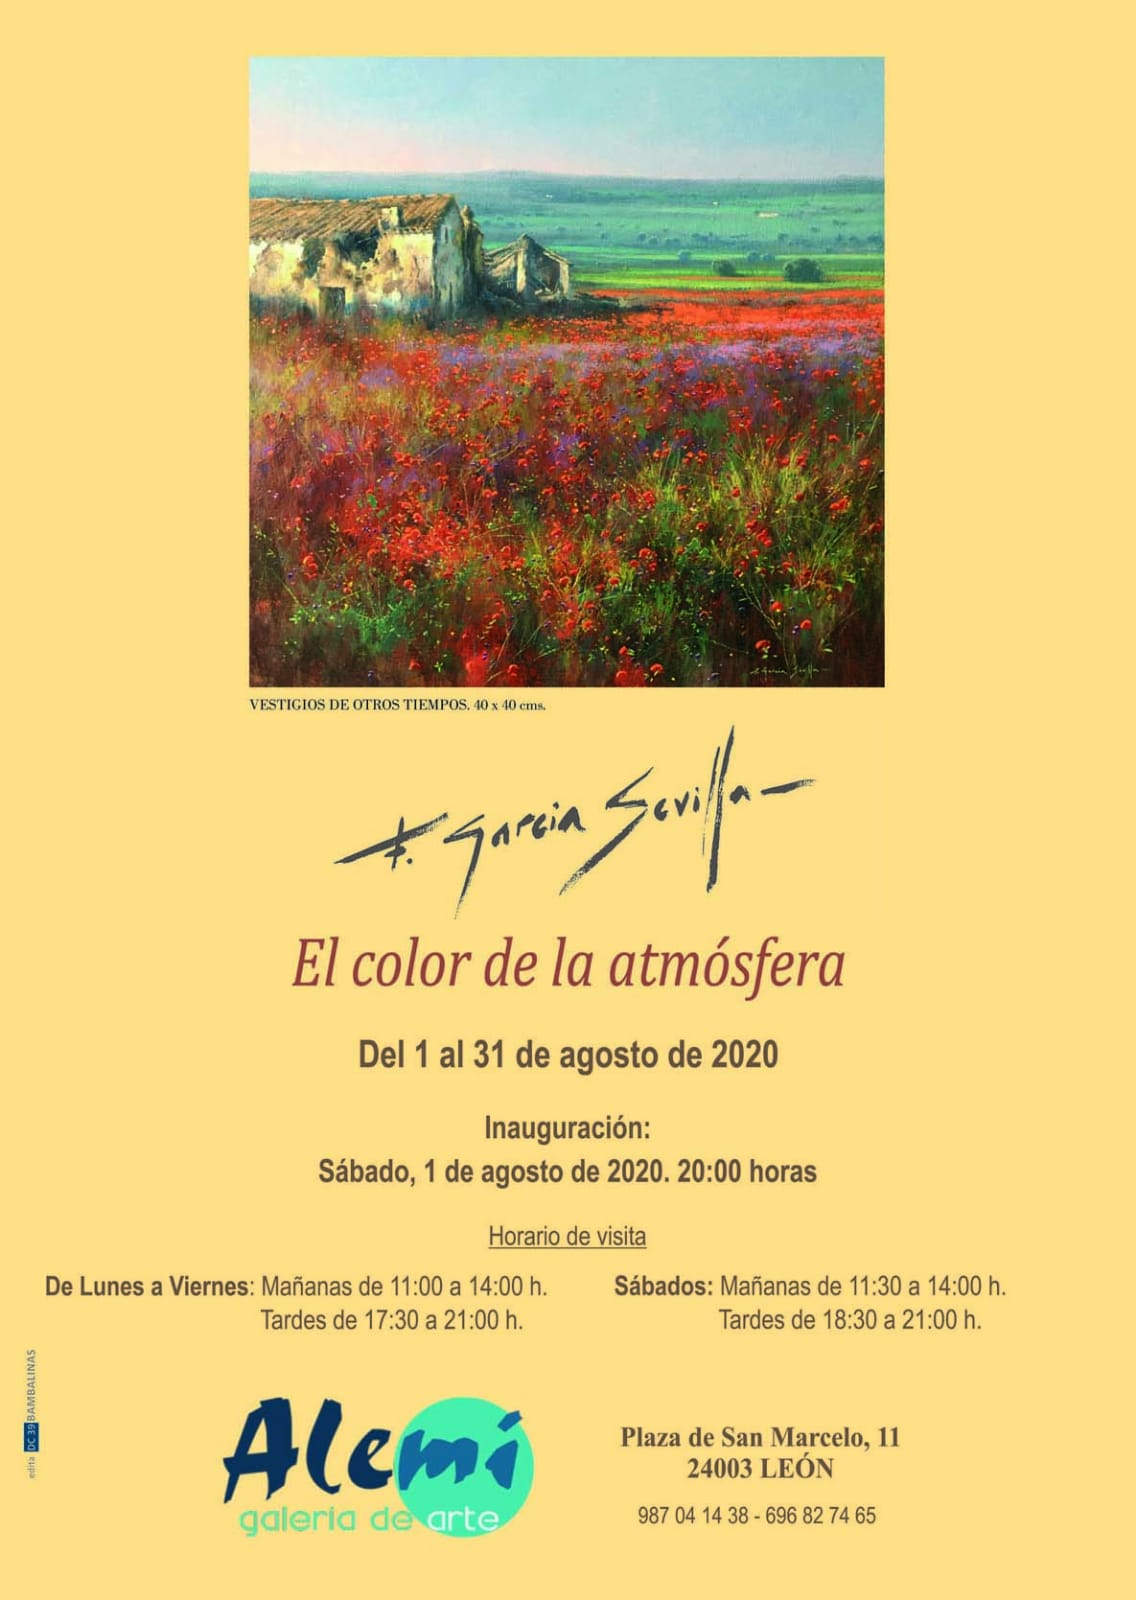 El color de la atmósfera, del 1 al 31 de Agosto